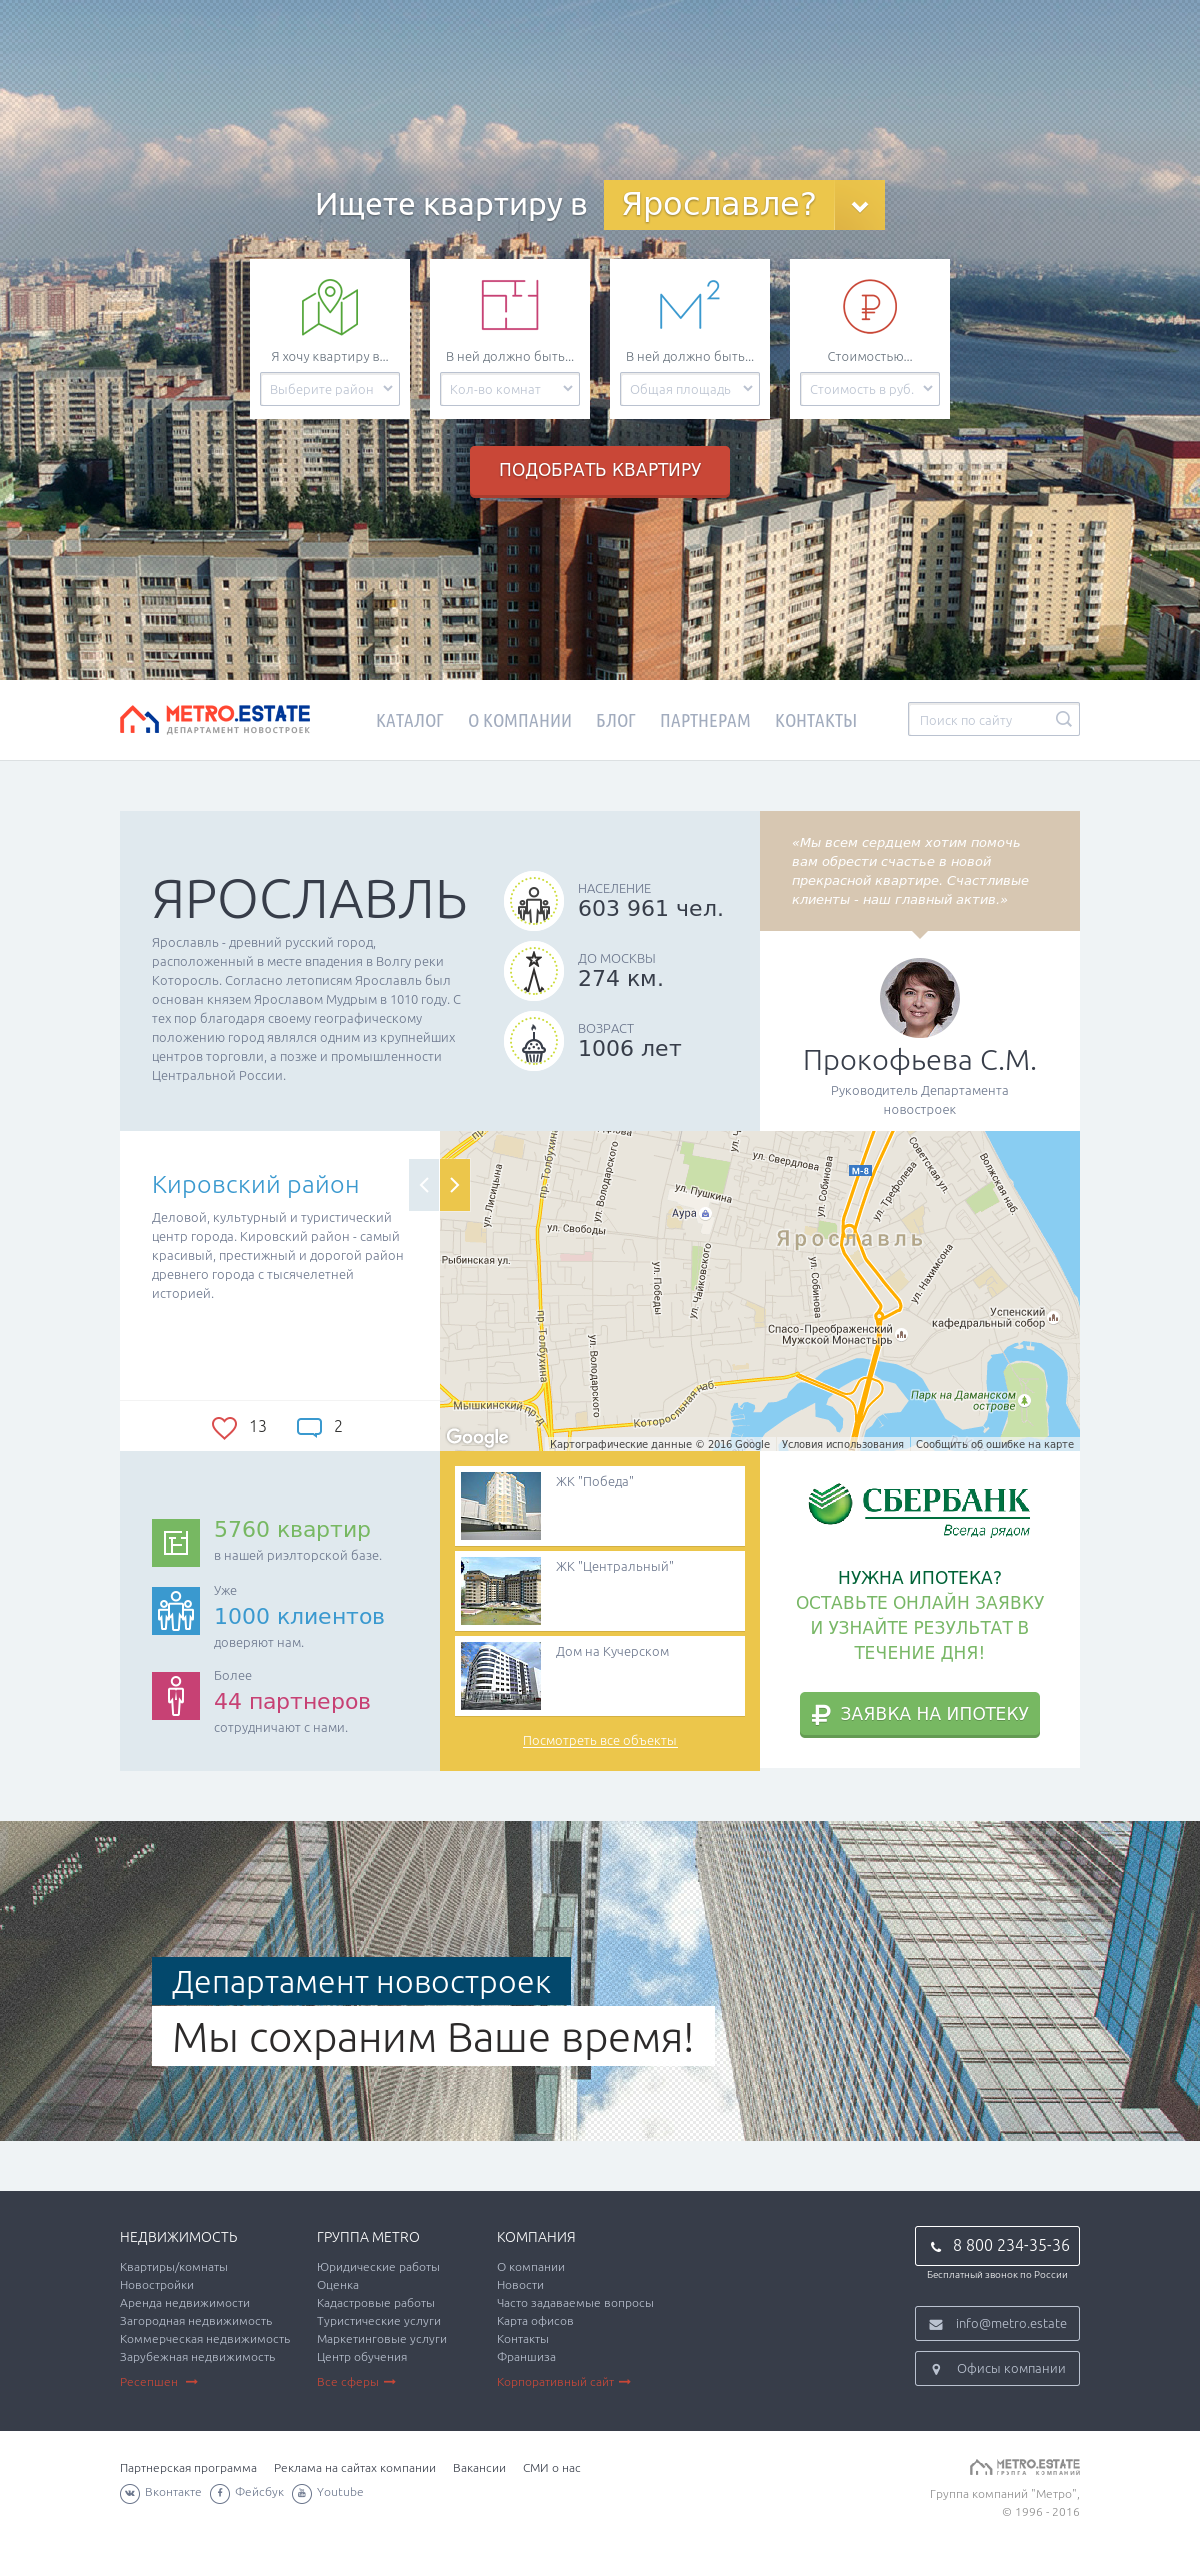 Metro estate. Сервис по поиску вторичной недвижимости в Ярославле.